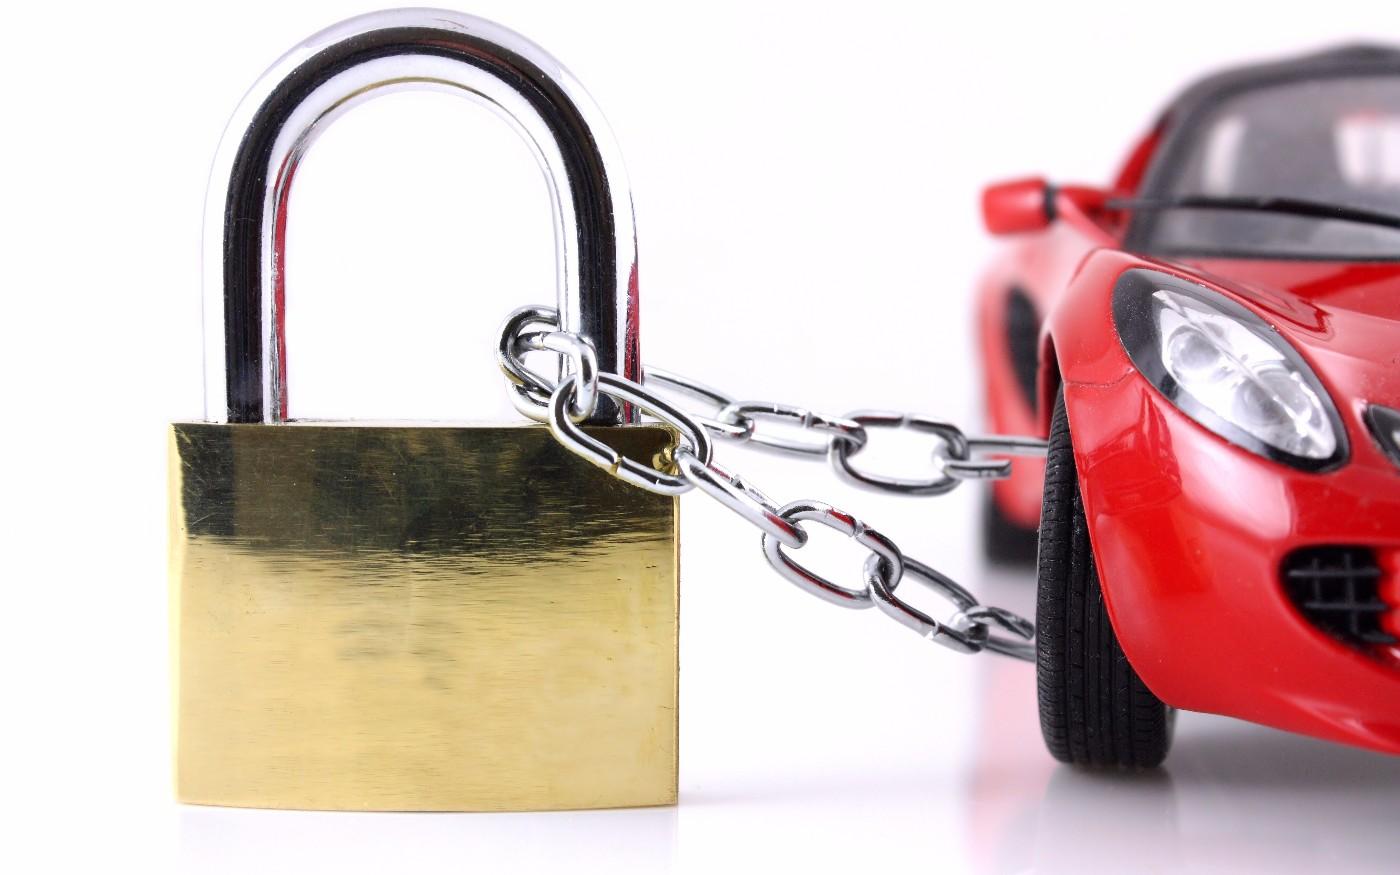 Проверить запрет на регистрационные действия автомобиля в ГИБДД в 2019 году